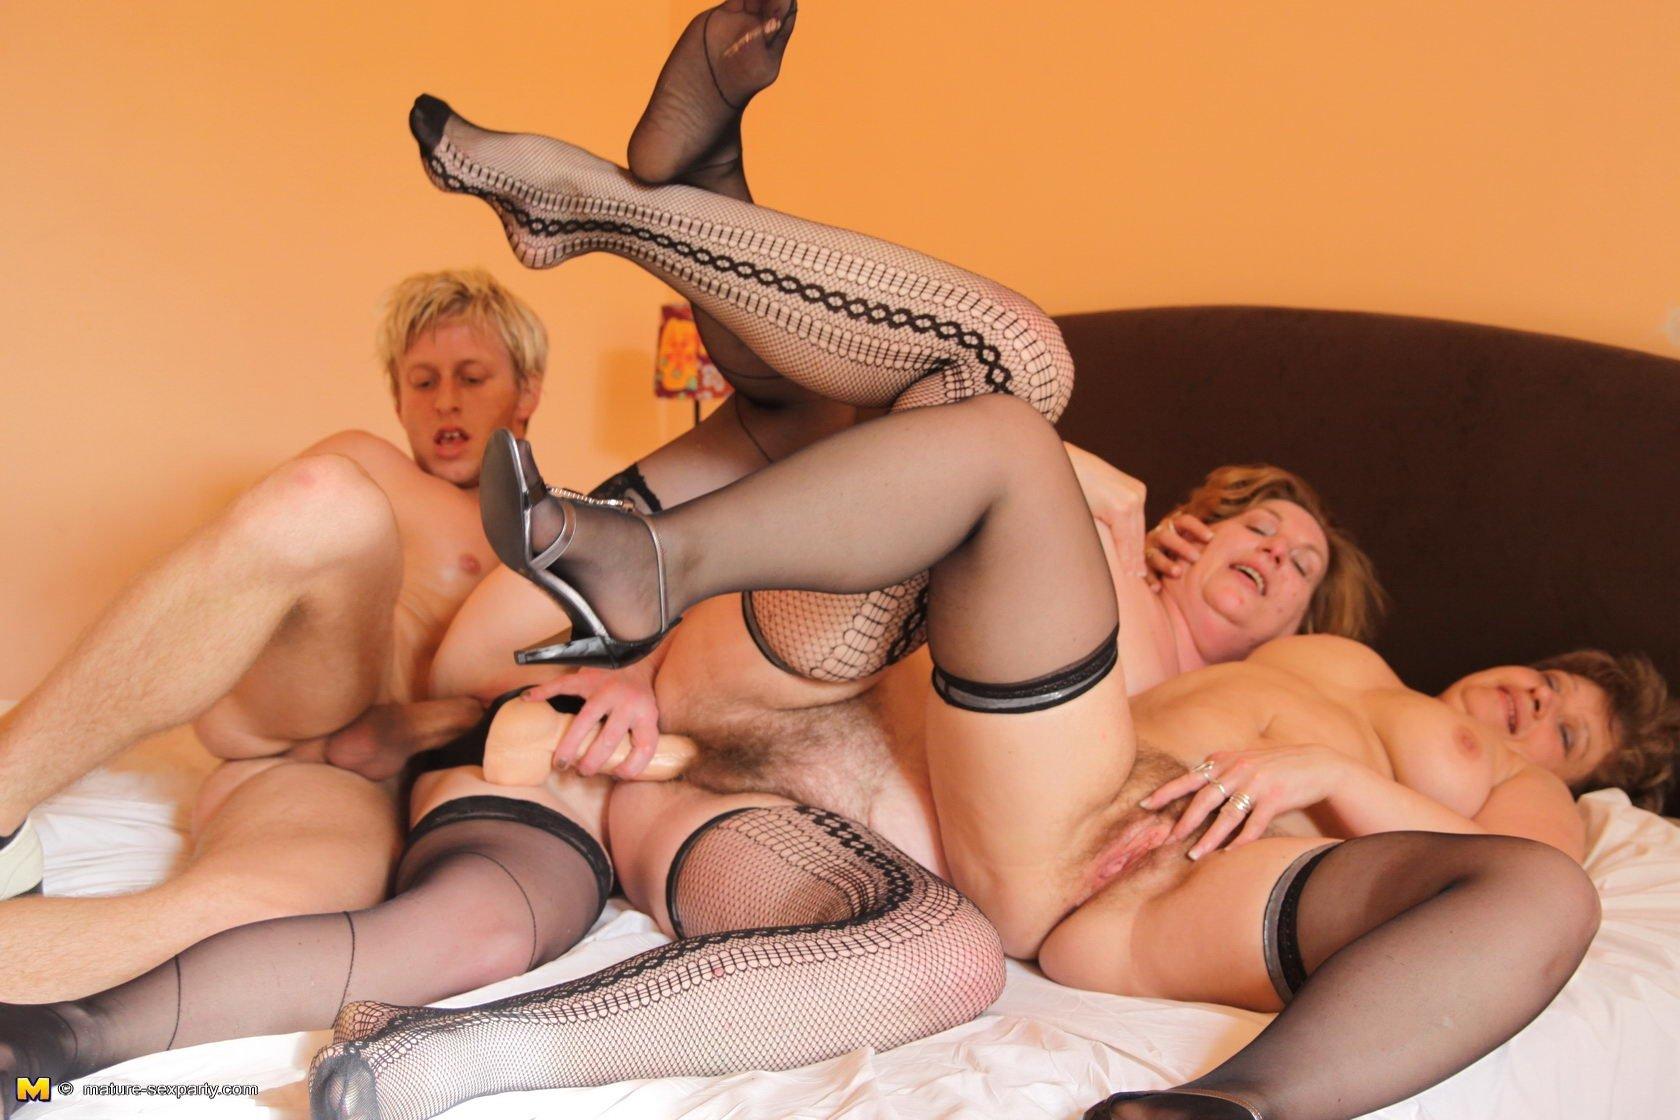 Сeкс зрeлыe жeншин фото, Взрослые и зрелые женщины порно фото 10 фотография